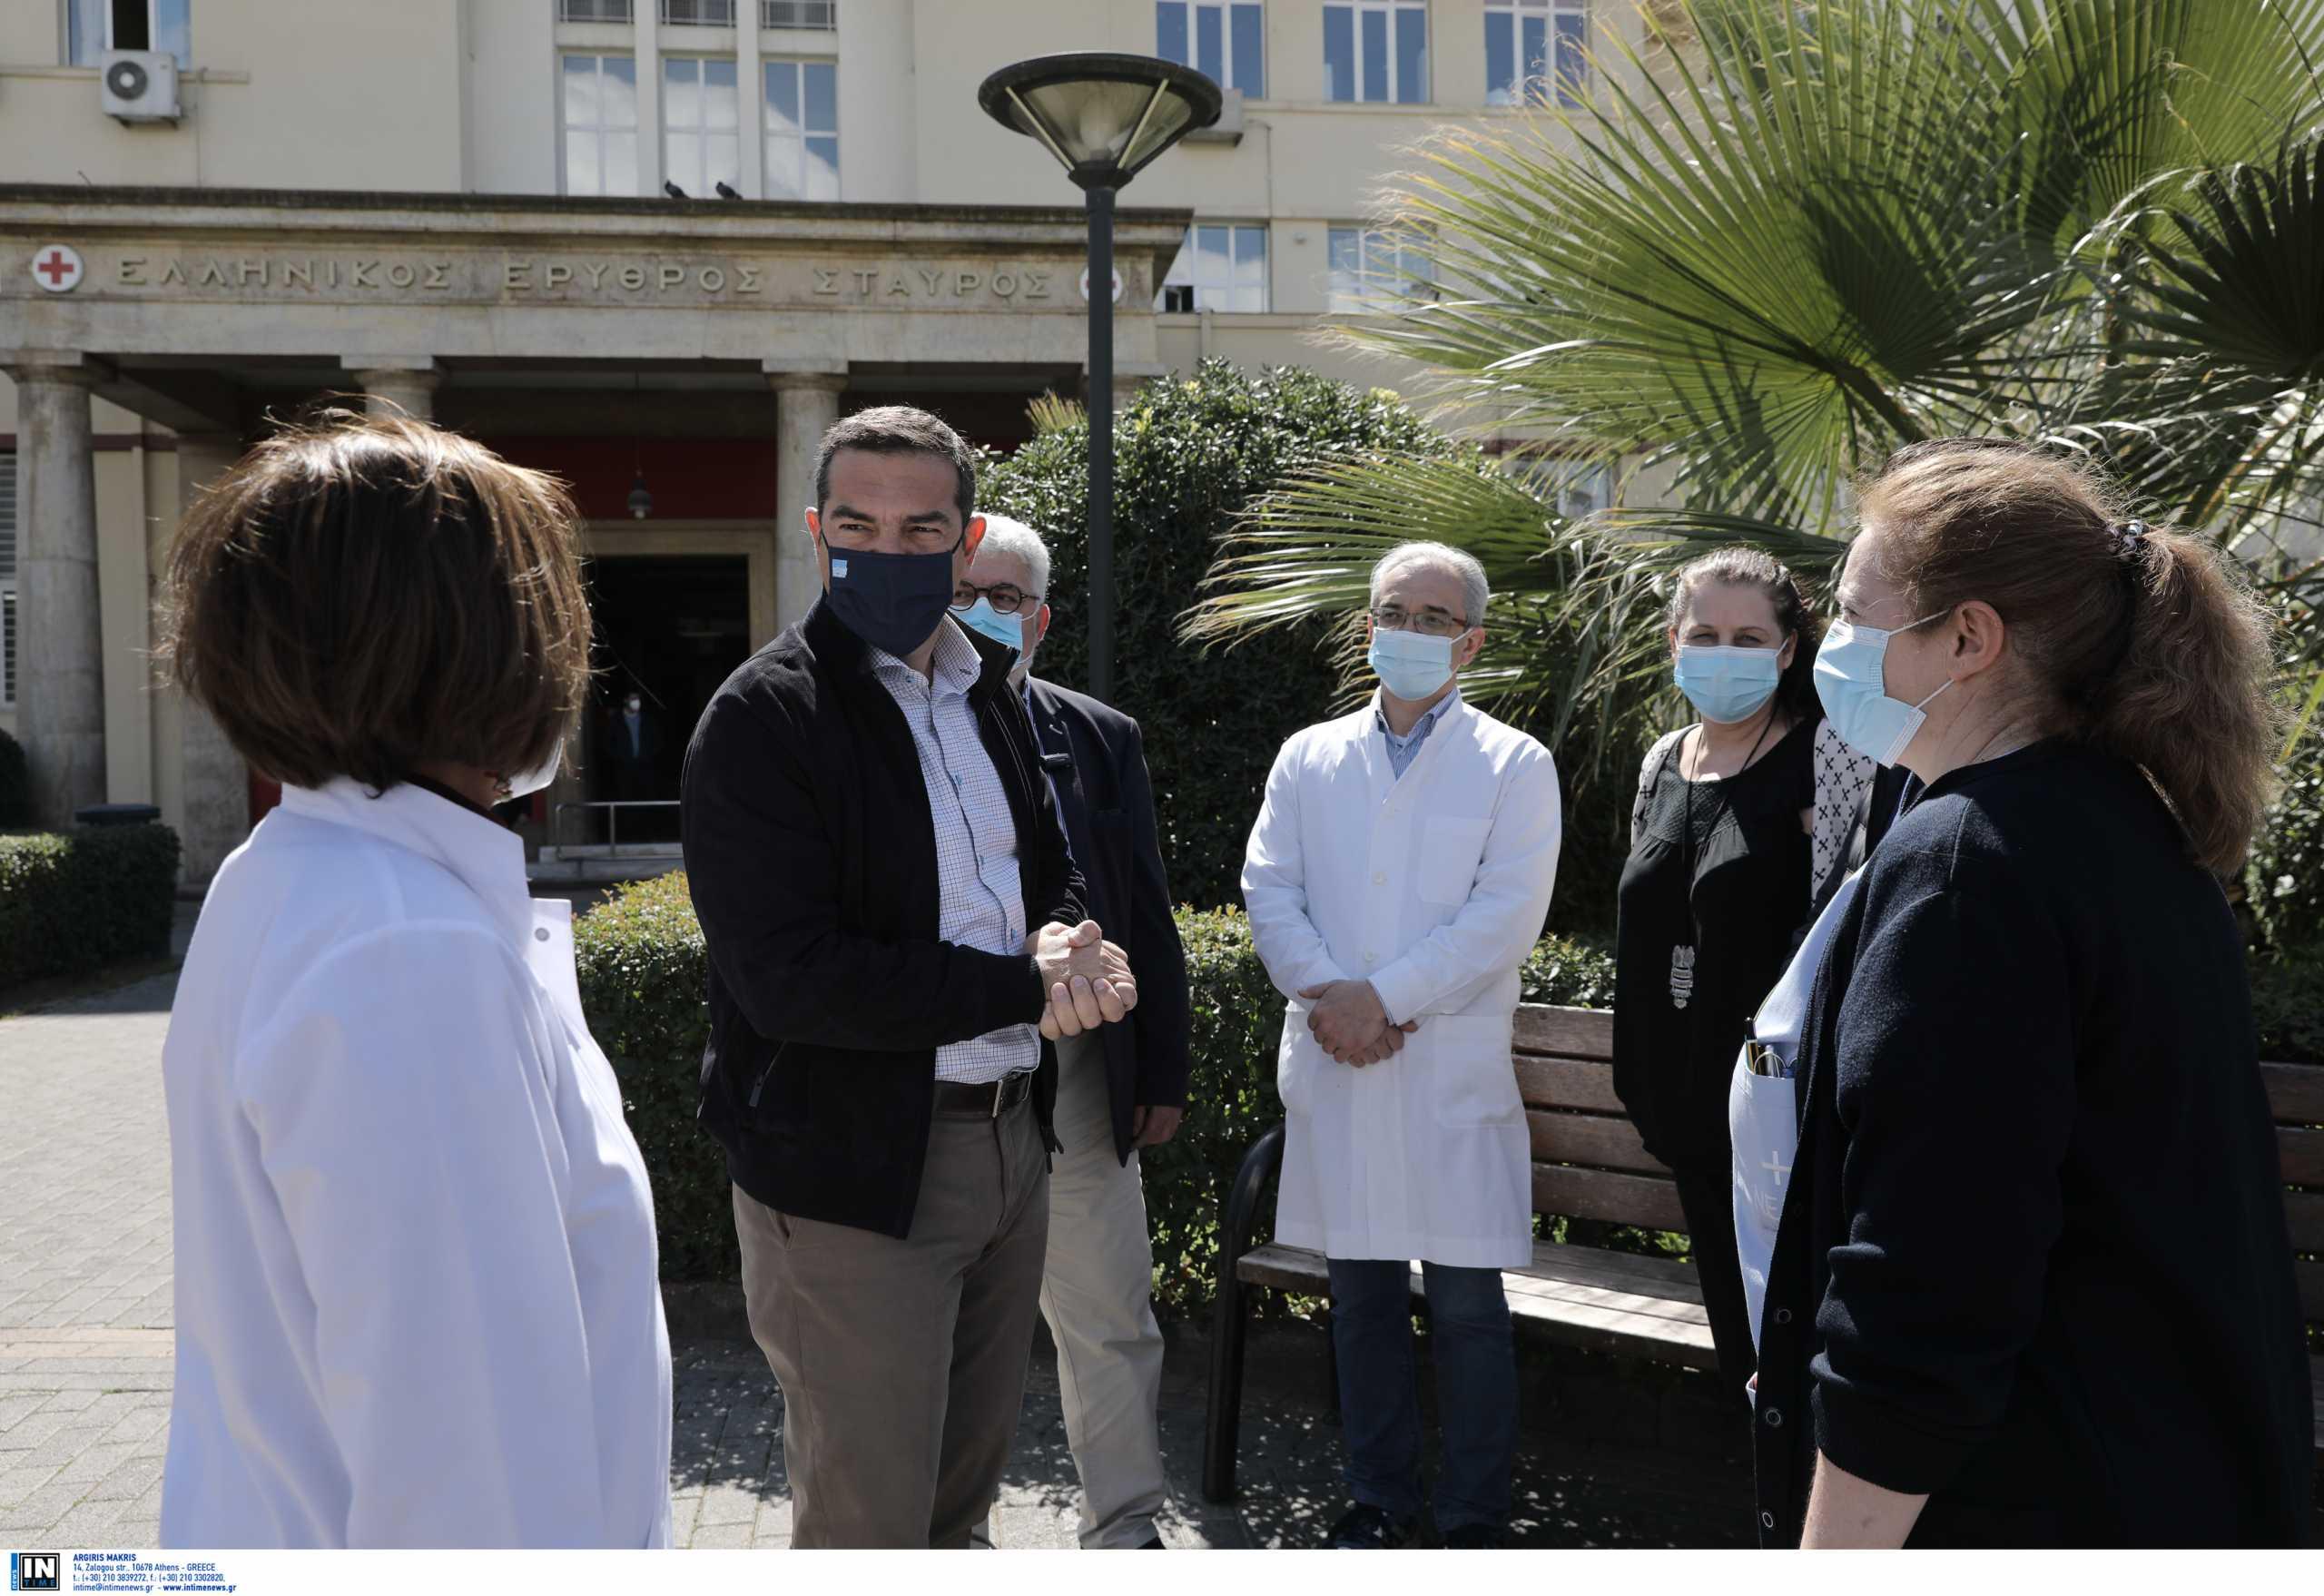 Τσίπρας από Ερυθρό Σταυρό: Χωρίς σχέδιο η κυβέρνηση – Γιατί αφήνουν τις ιδιωτικές κλινικές covid – free;